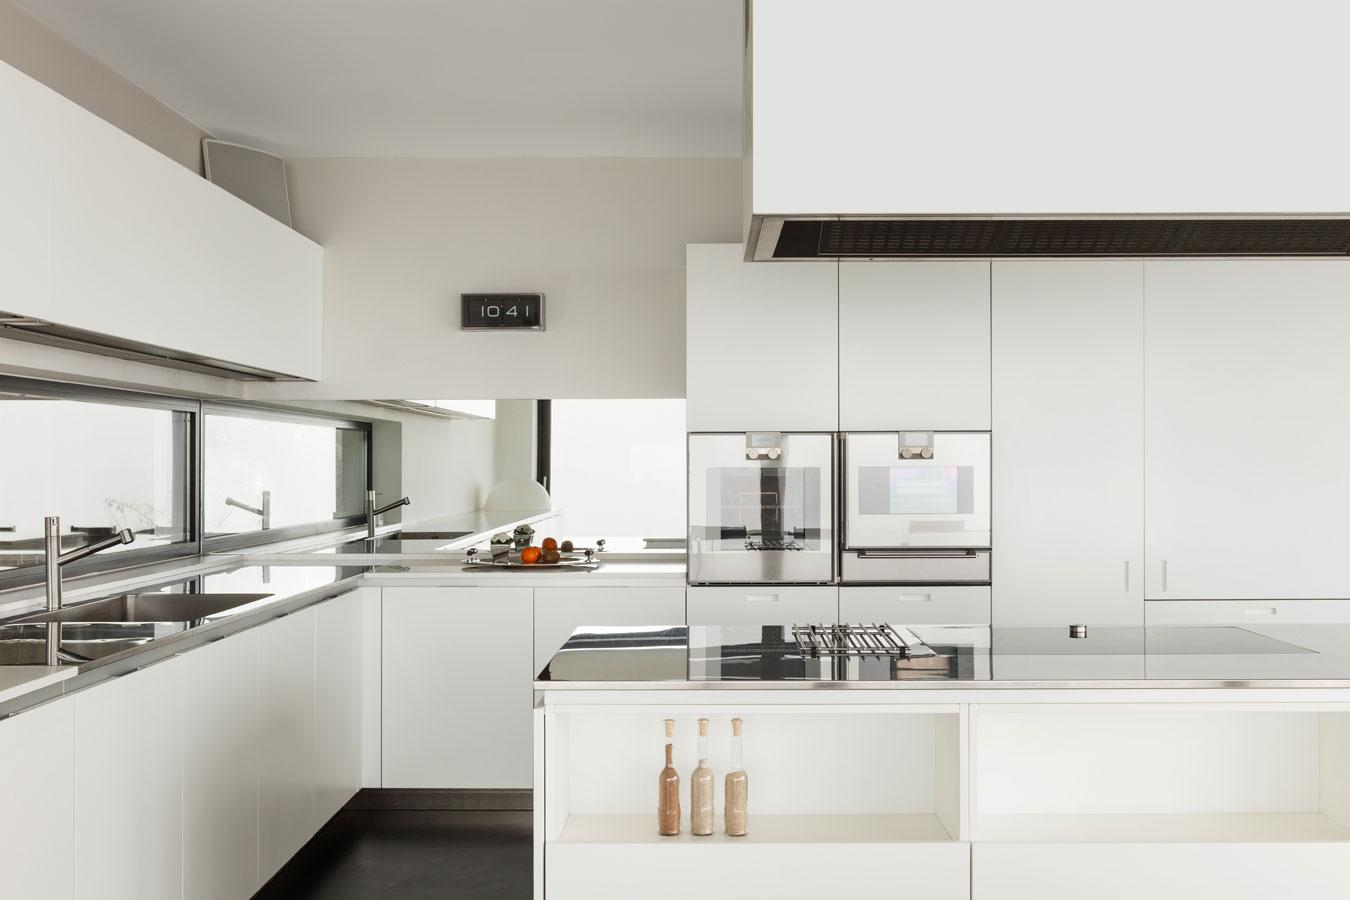 Moderne verlichting boven eettafel maatwerk en design keuken een gerealiseerd - Fotos van keukens ...